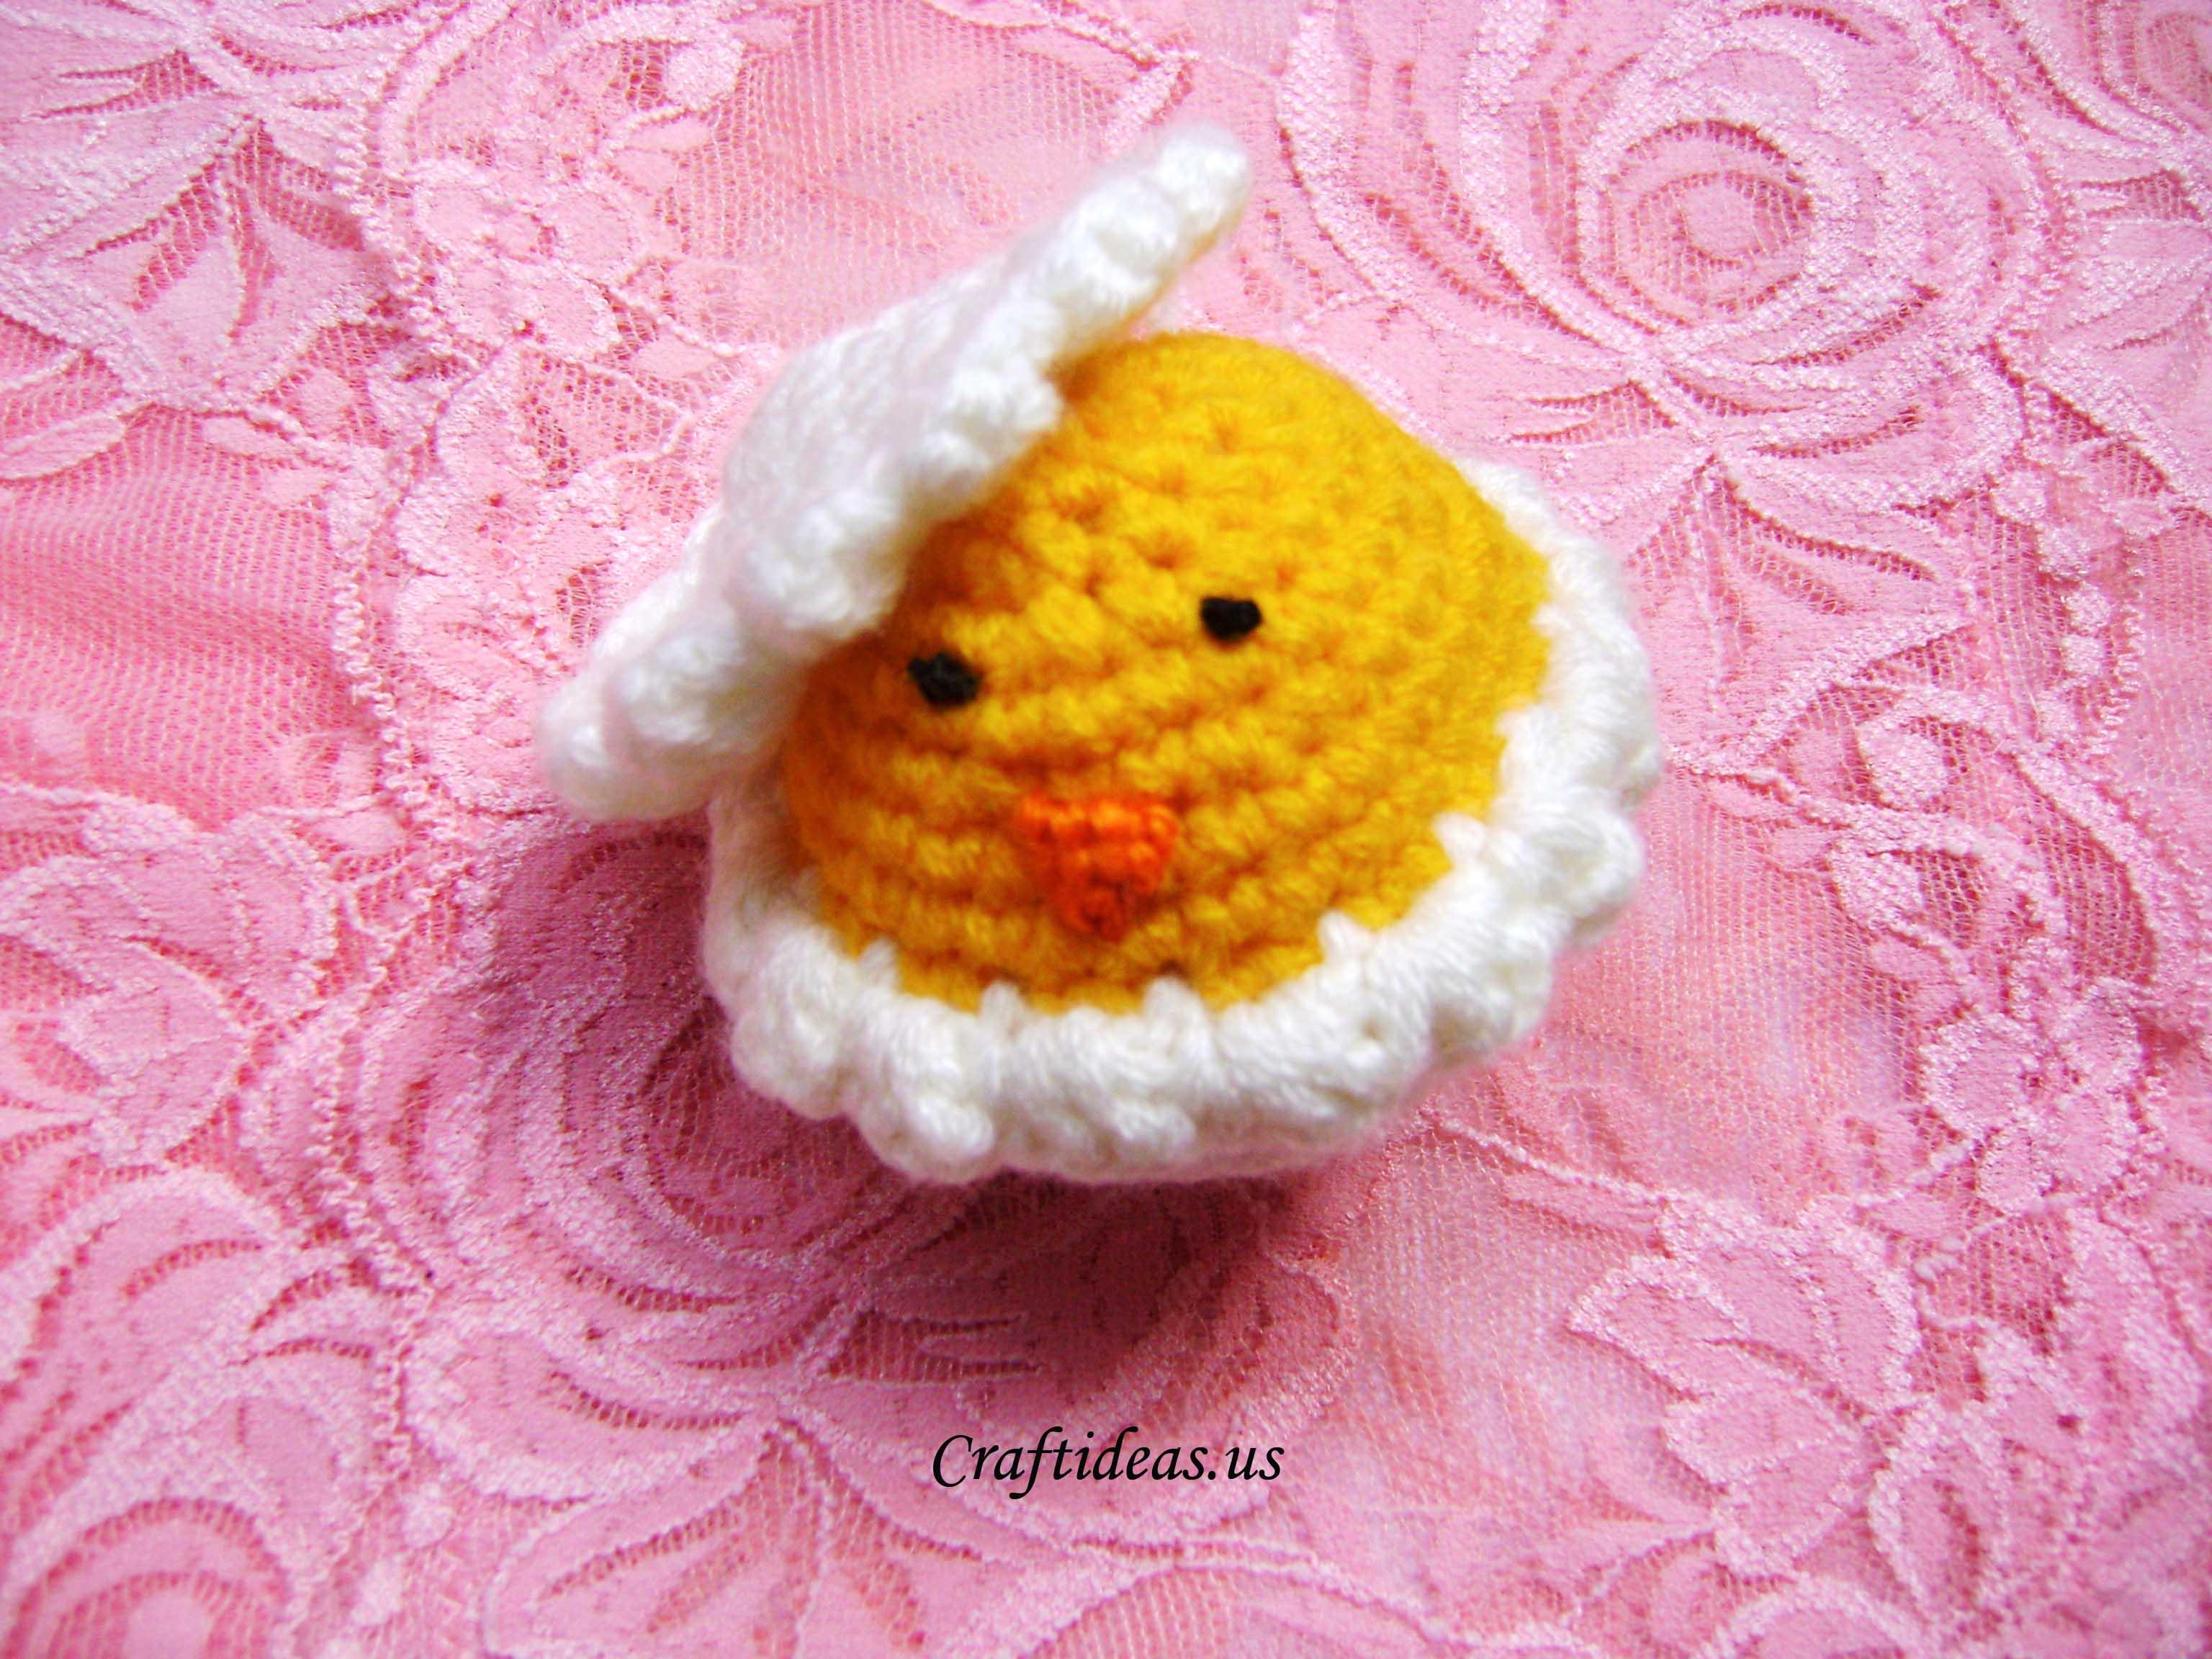 Easter craft ideas: crochet cute chick - Craft Ideas